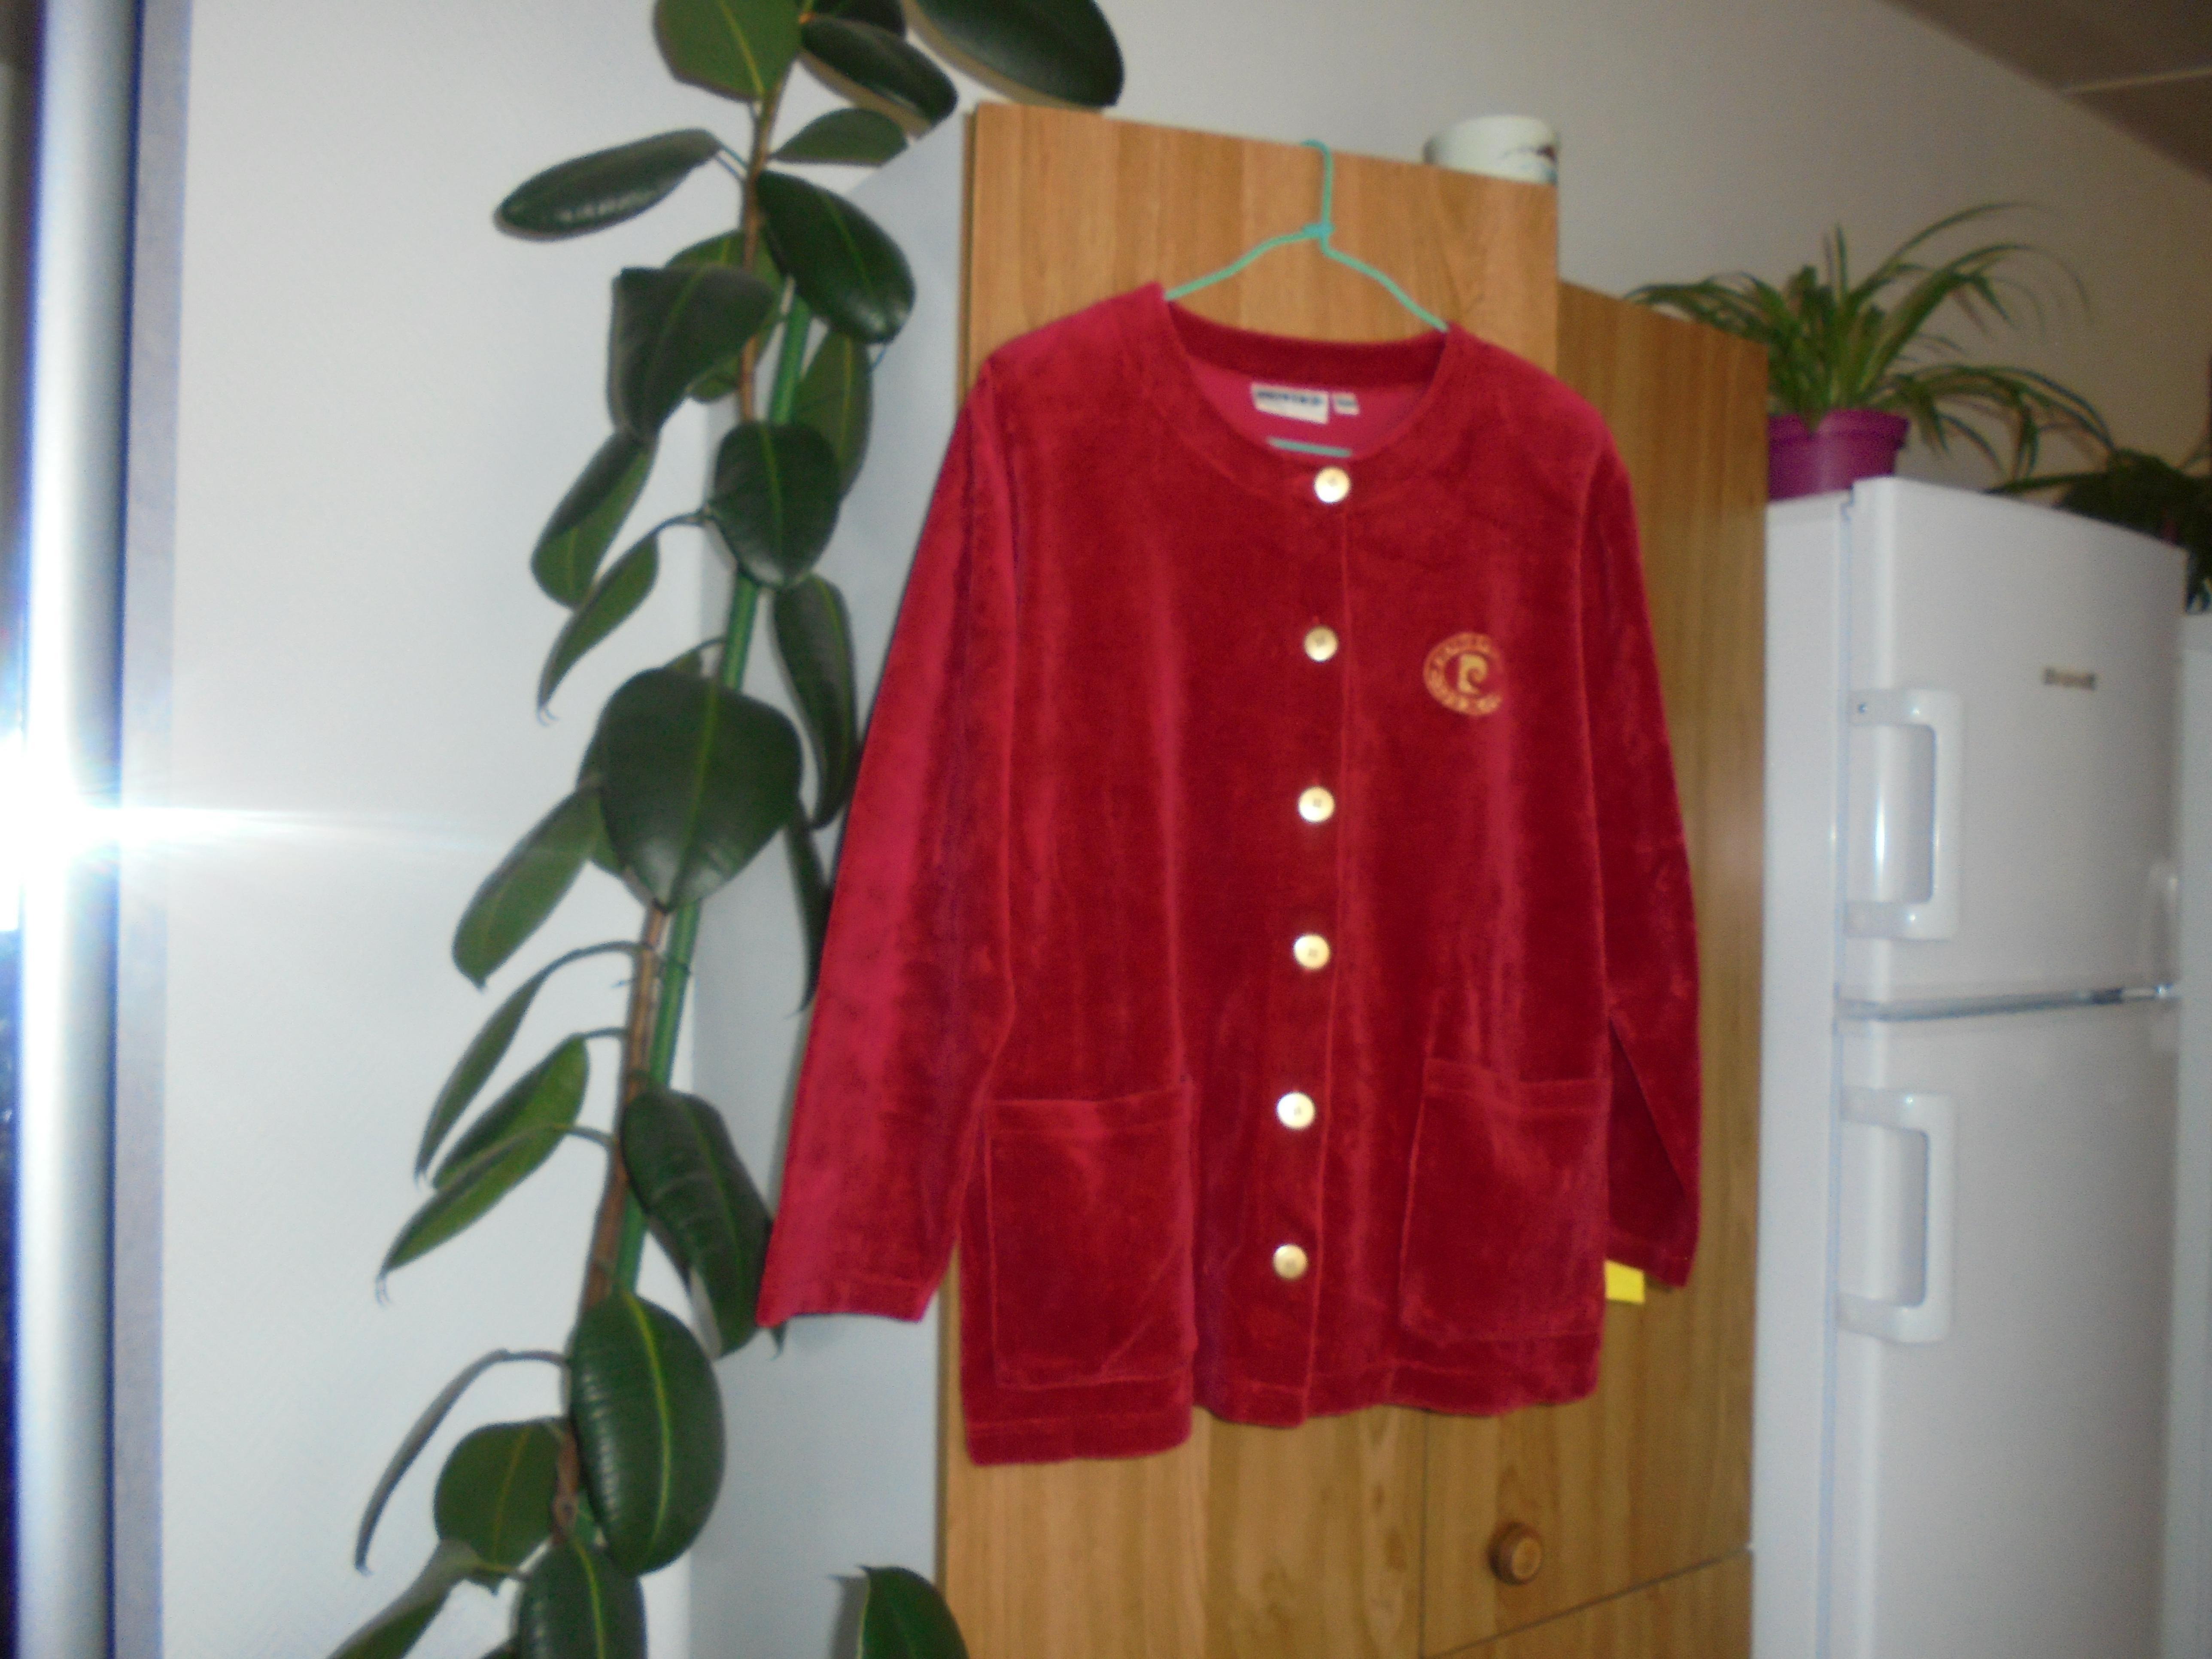 troc de troc veste en velours rouge taille 42/44   10 noisettes  pfp image 0